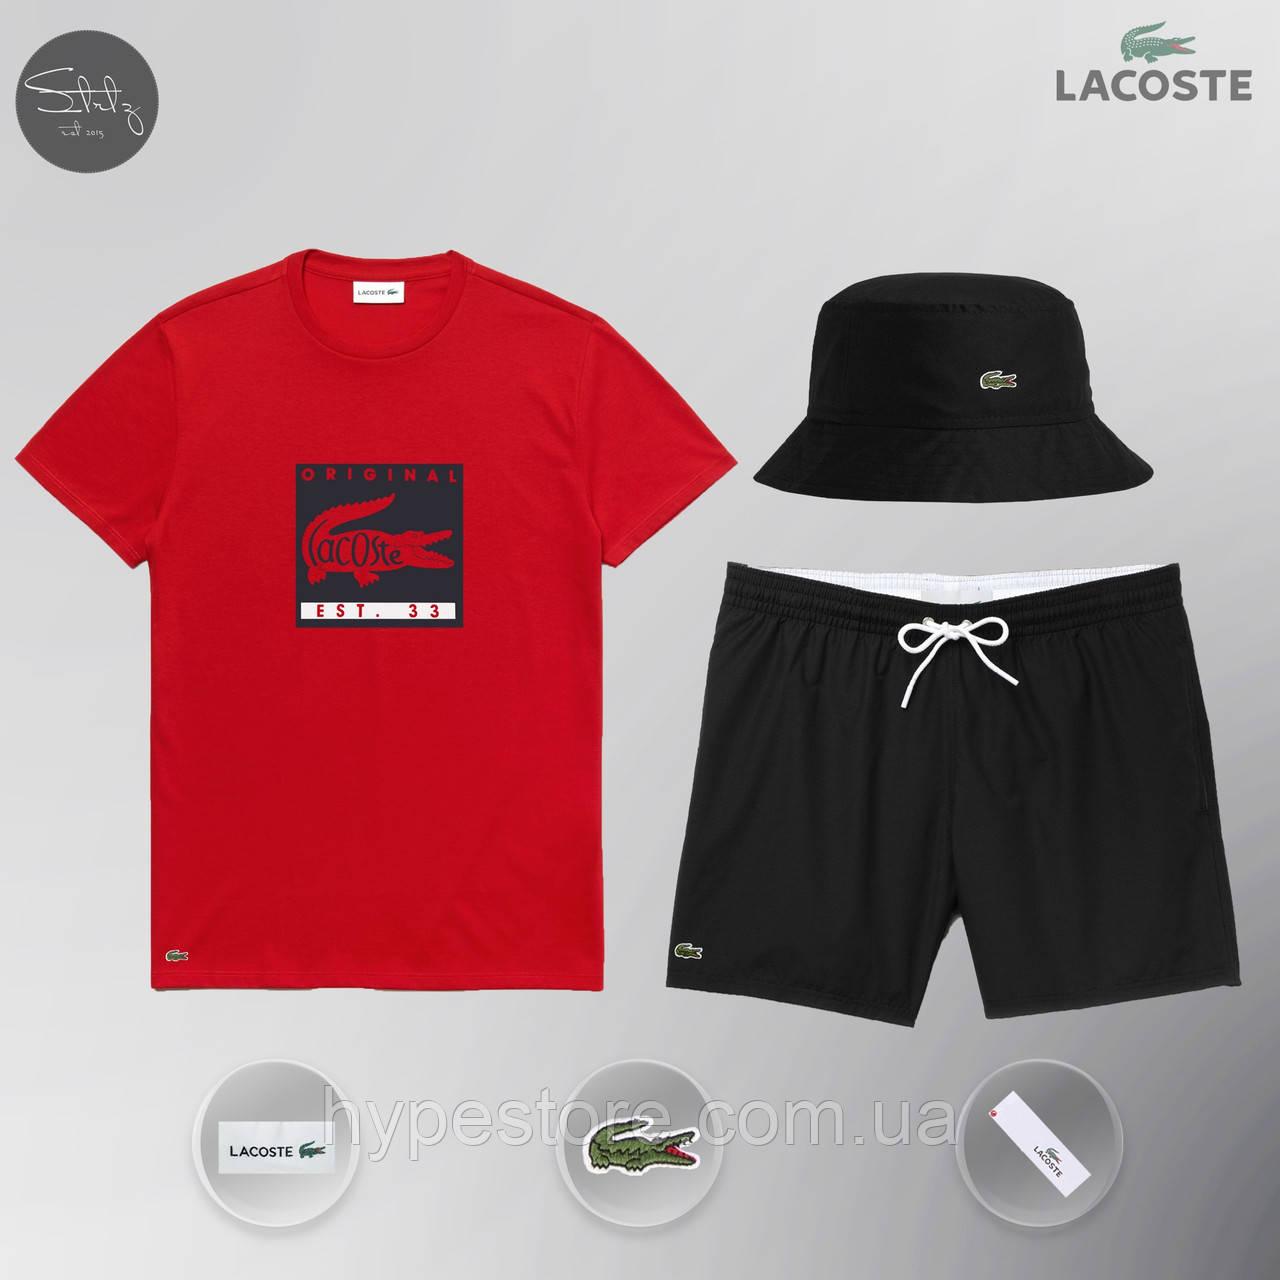 Мужской спортивный костюм, мужской пляжный комплект Lacoste Original, шорты+футболка, Реплика